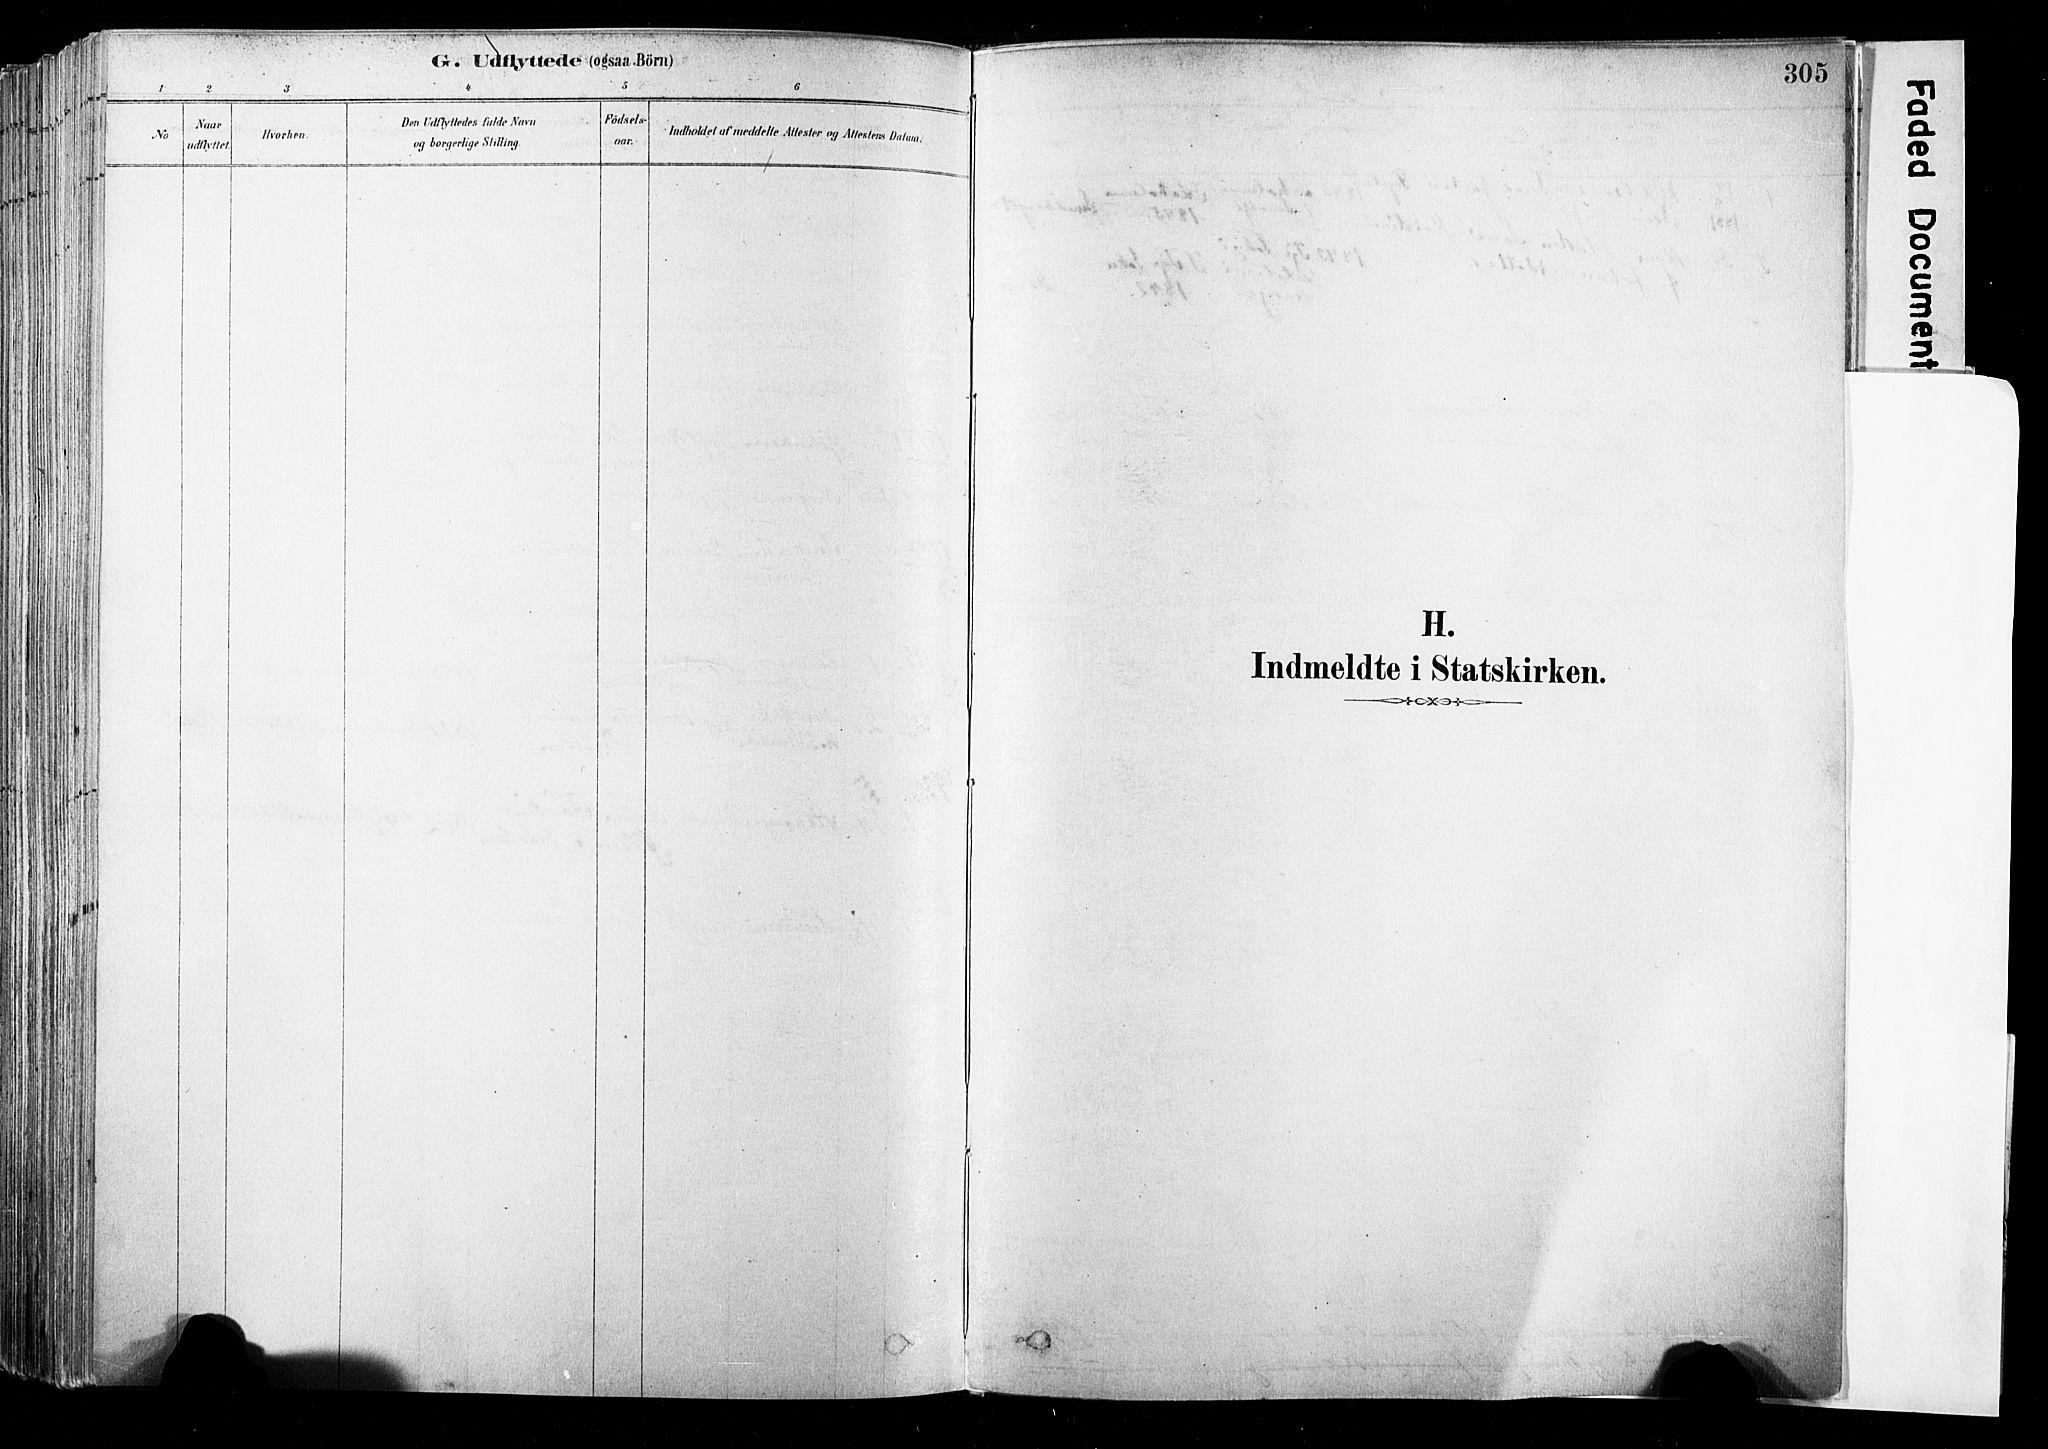 SAKO, Strømsø kirkebøker, F/Fb/L0006: Ministerialbok nr. II 6, 1879-1910, s. 305